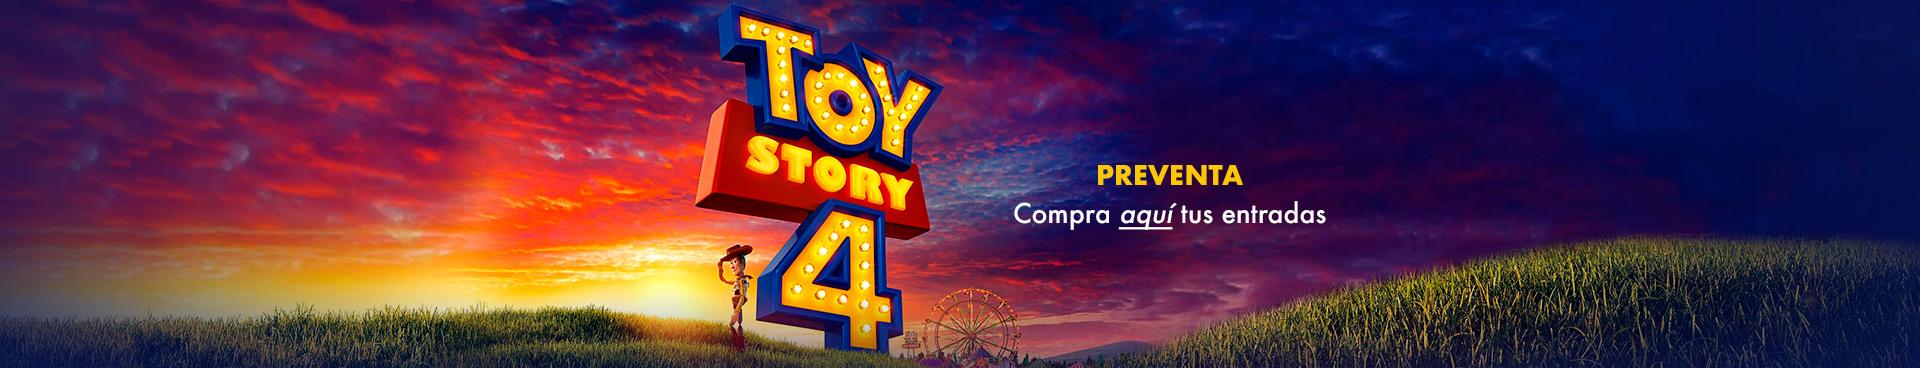 Preventa Toy Story 4